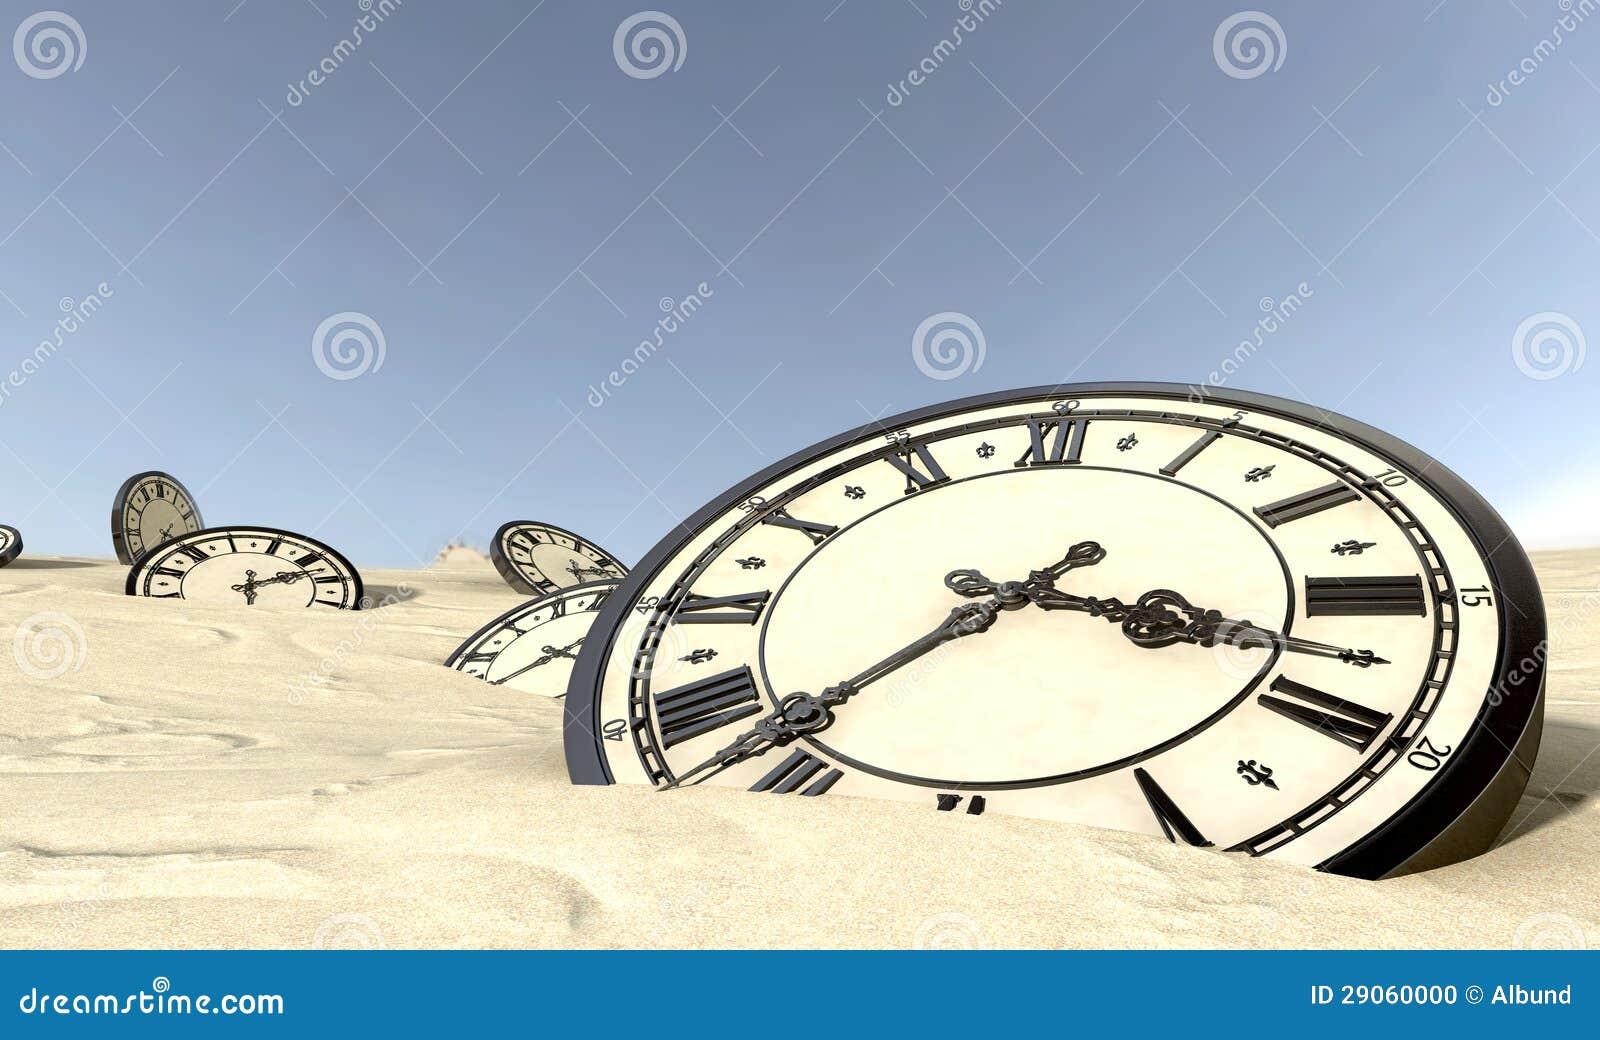 Relojes antiguos en arena del desierto stock de - Relojes de pared clasicos ...